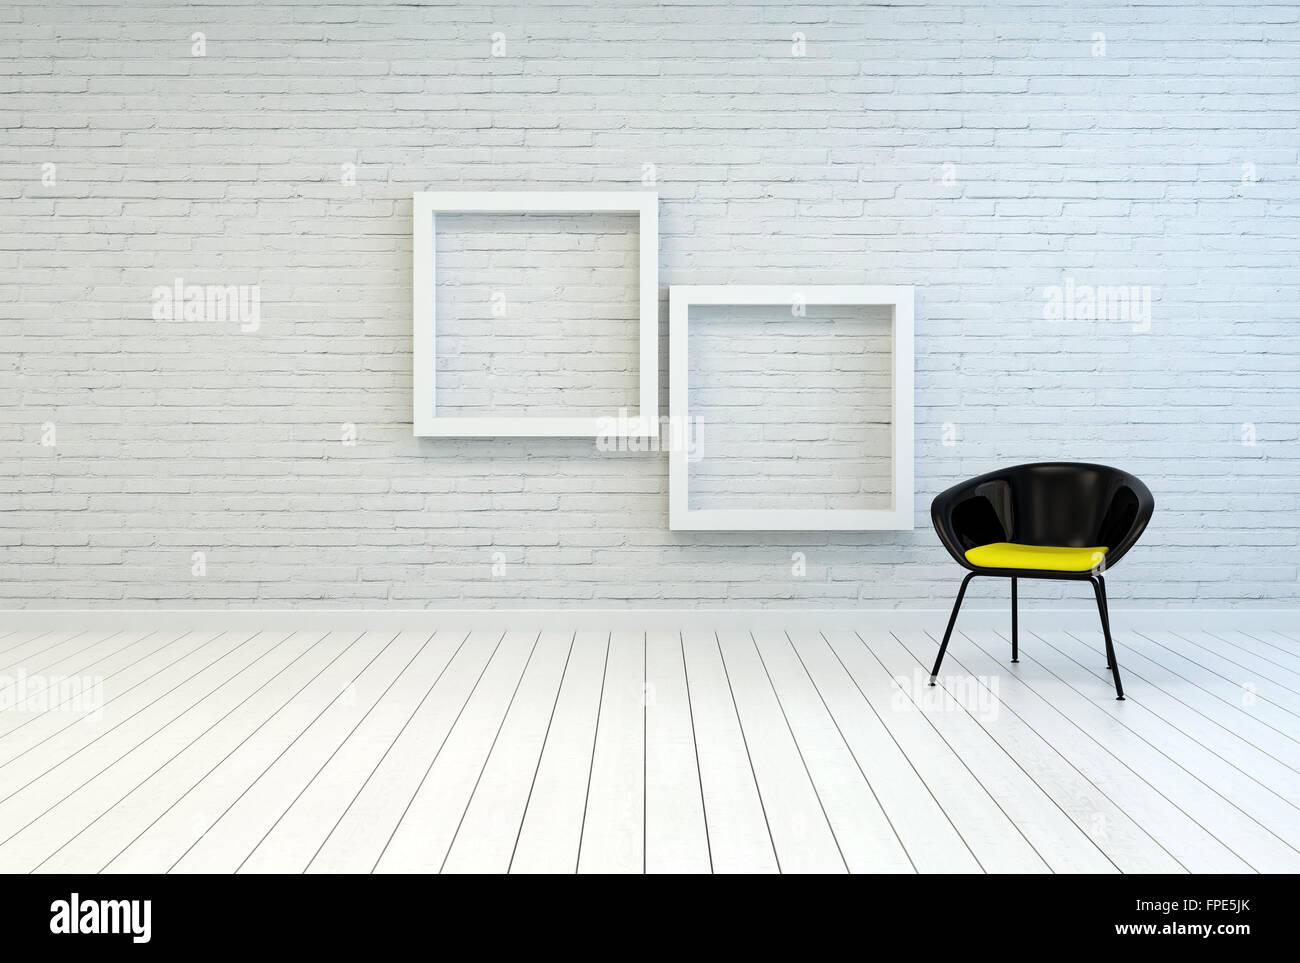 Bañera silla vacía junto a dos marcos de madera cuadrada blanca ...